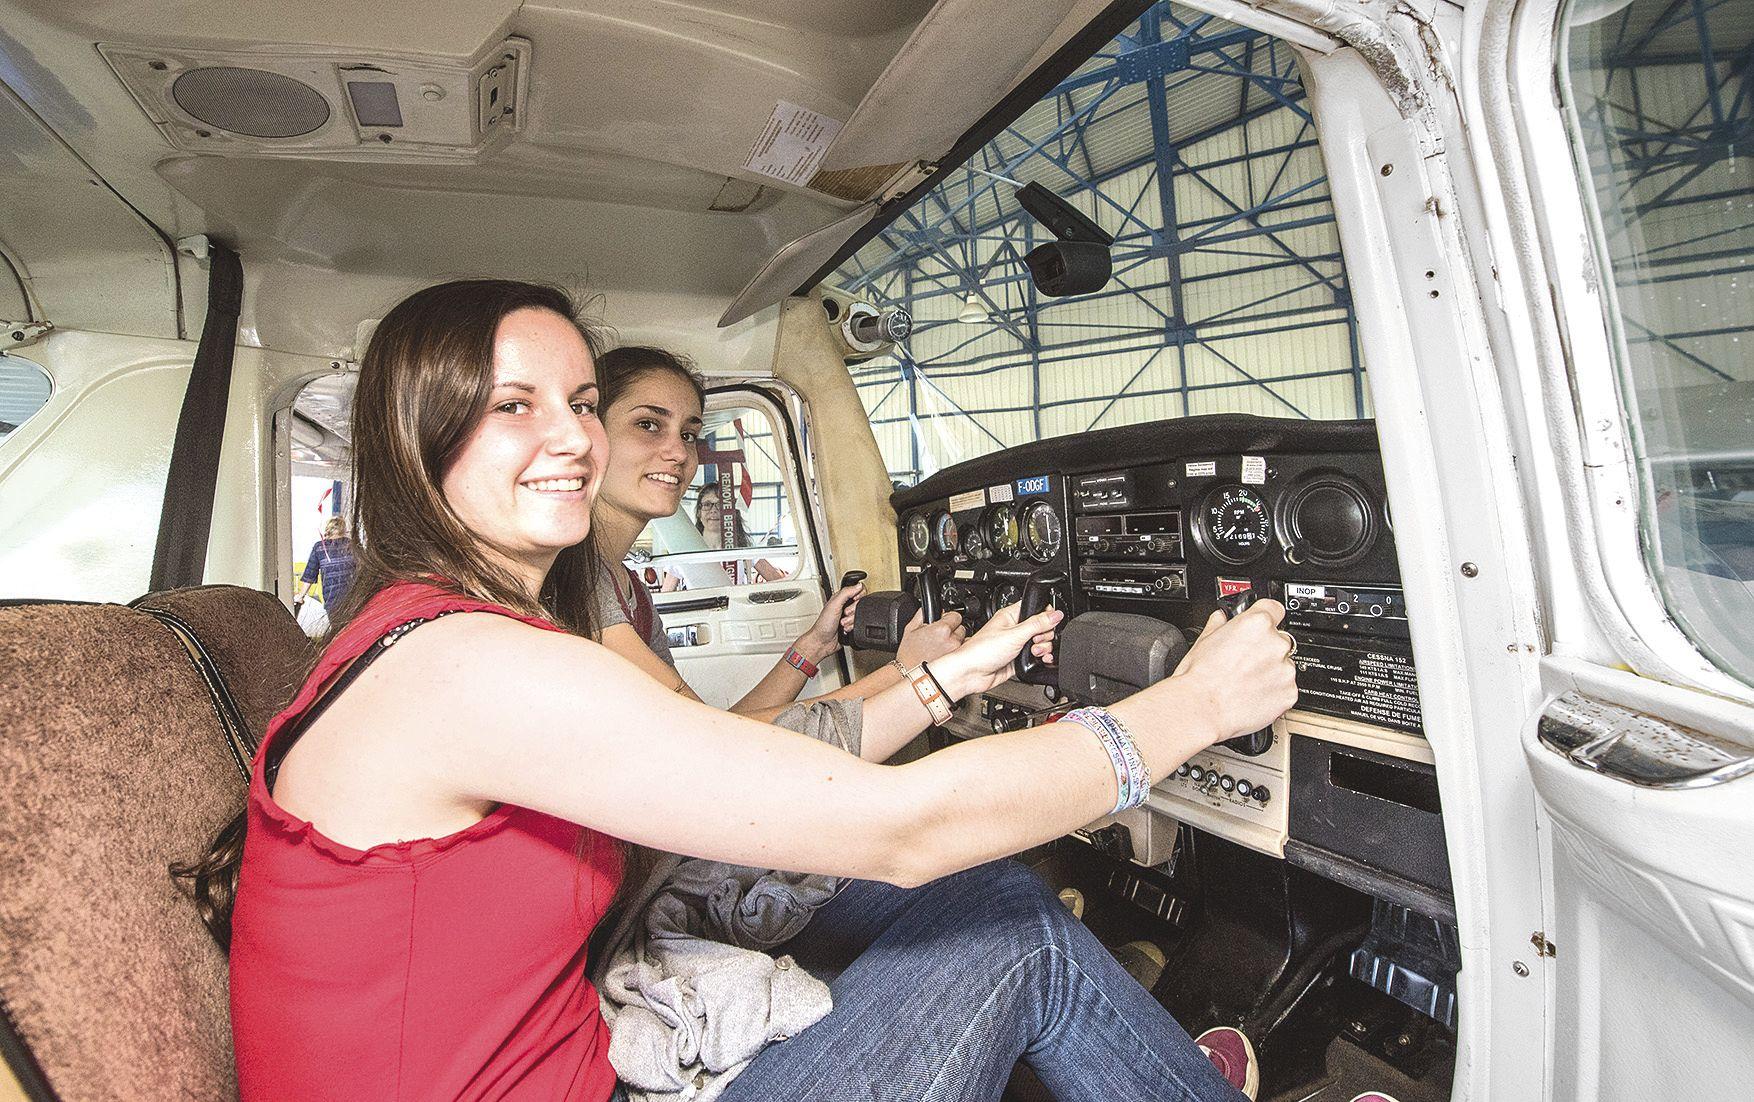 Dans le hangar, trois avions en présentation. Alexia et Claire ont pu découvrir le tableau de bord d'un Cessna 152, vénérable avion-école de l'aéro-club qui présentait aussi ses acquisitions plus récentes, dont un Tecnam P2008, arrivé en 2014 (ci-dessus).